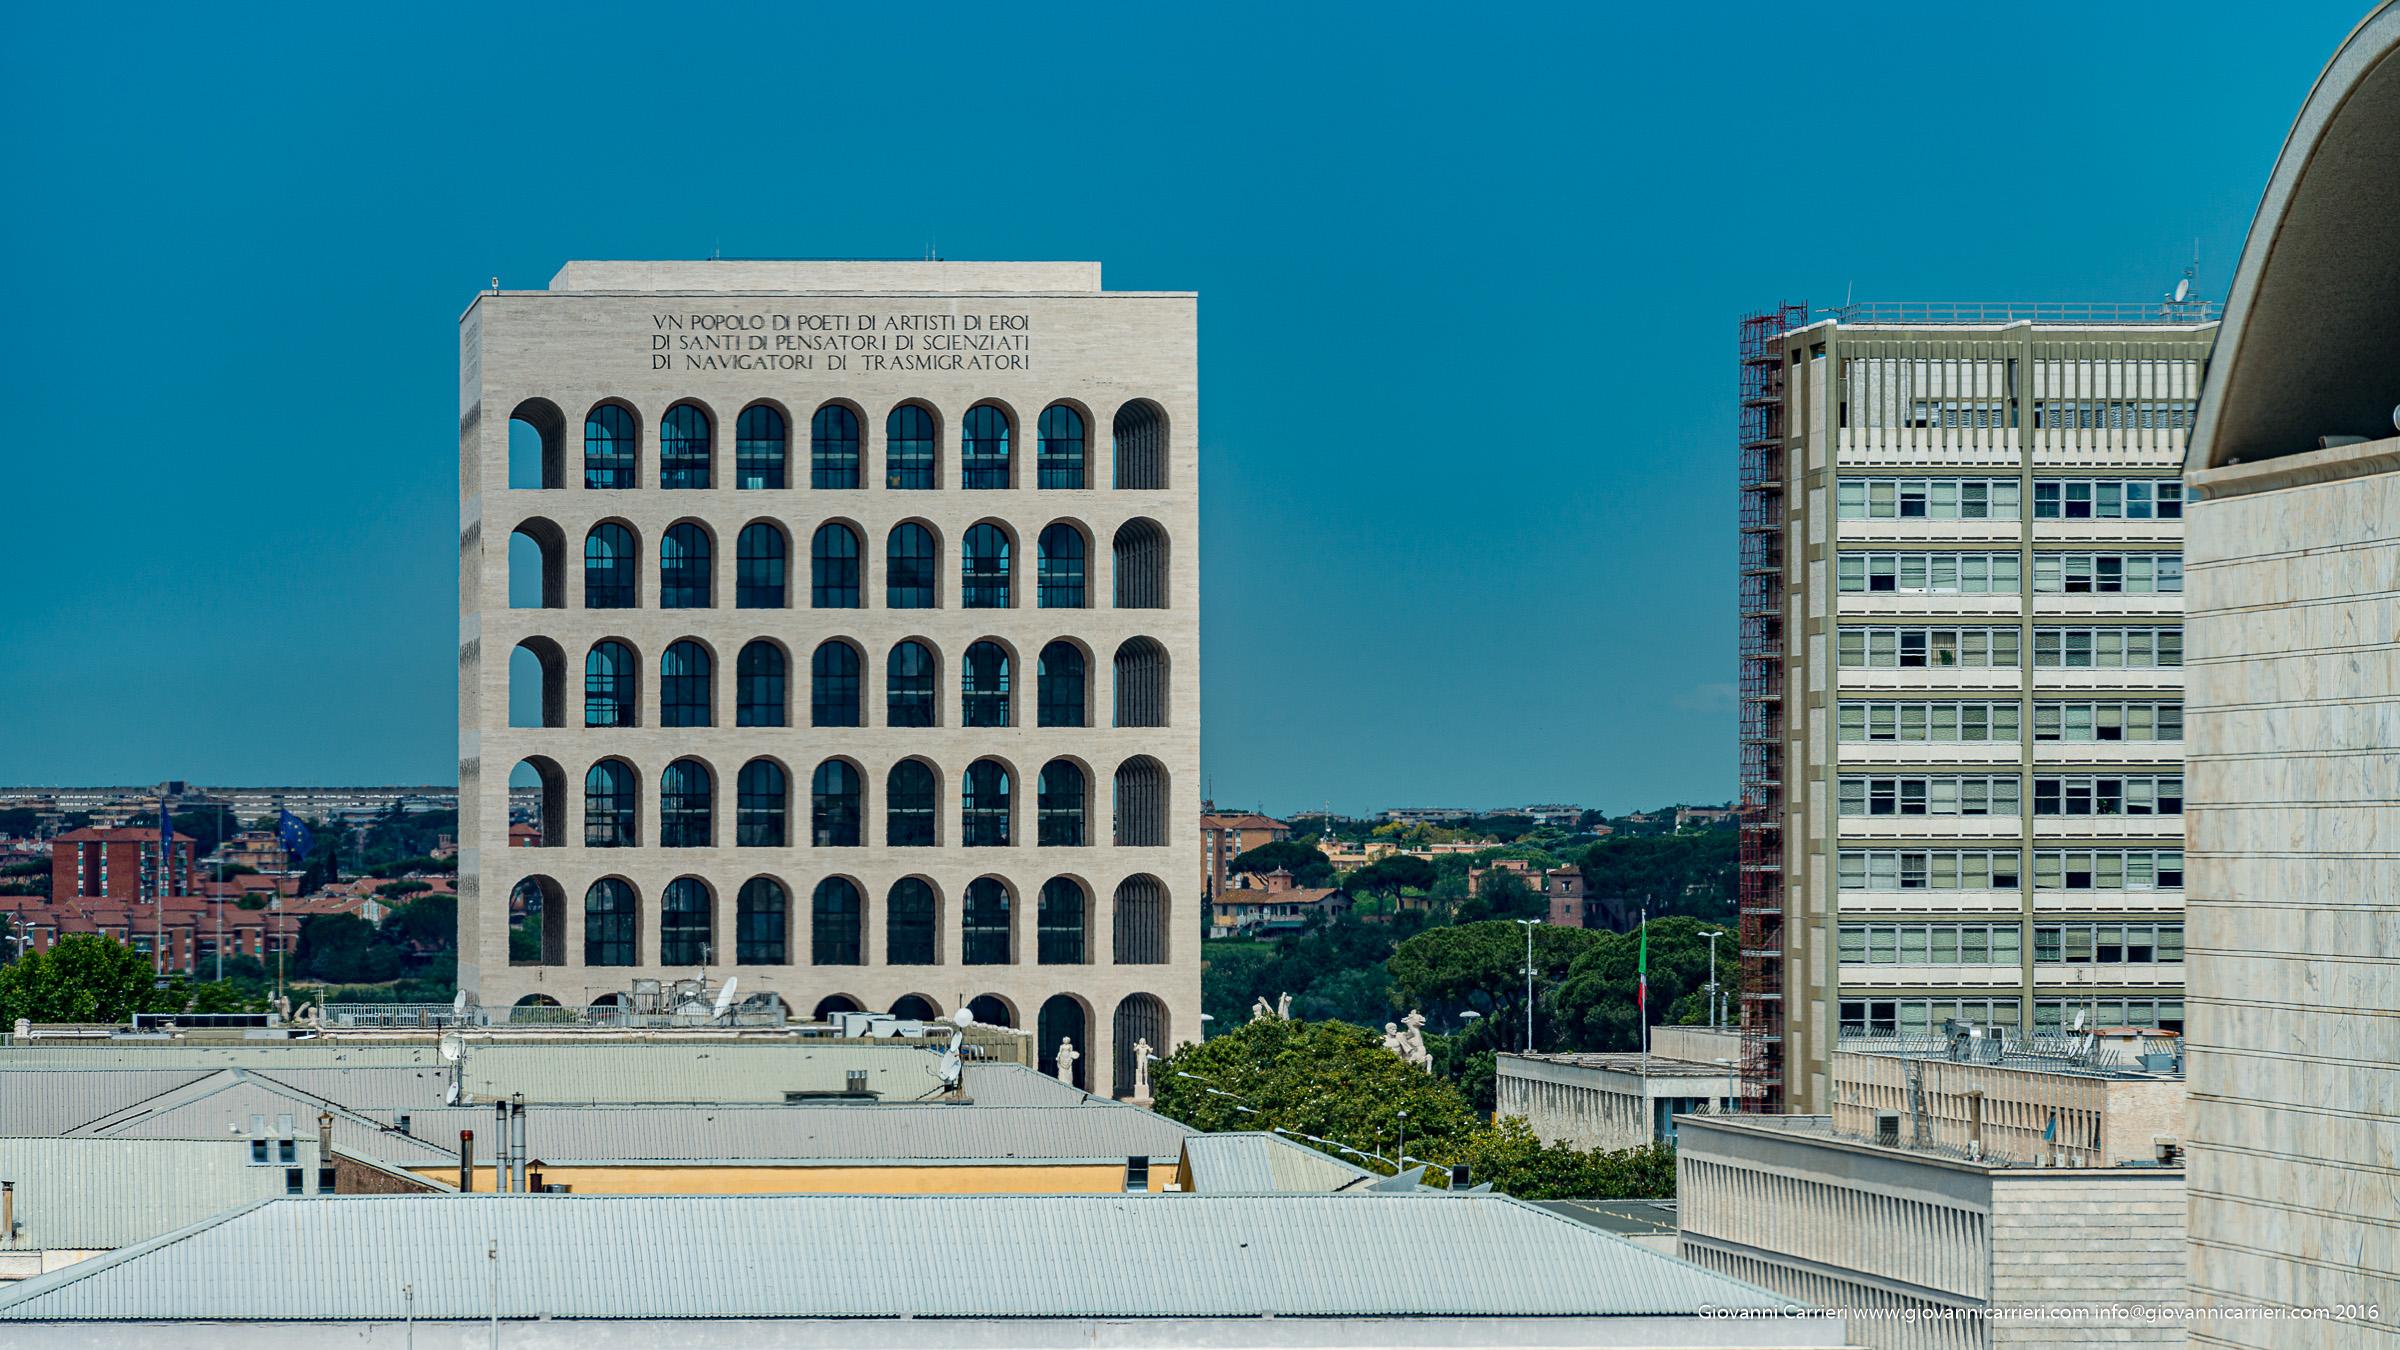 Palazzo della Civiltà Italiana, o Colosseo Quadrato